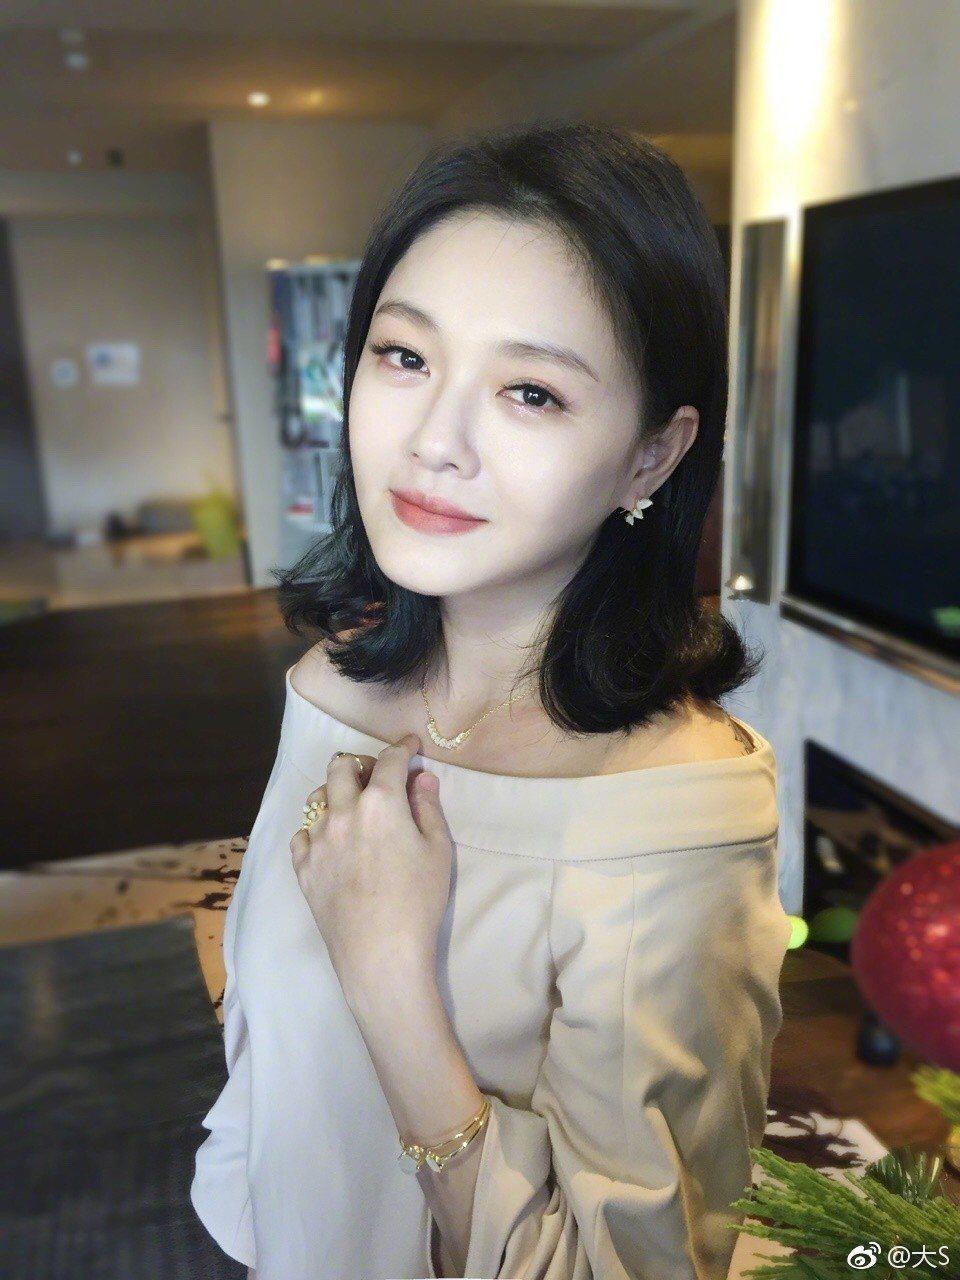 大S昨(20日)曝光新照,許多網友誇讚她變瘦了。 圖/擷自微博。